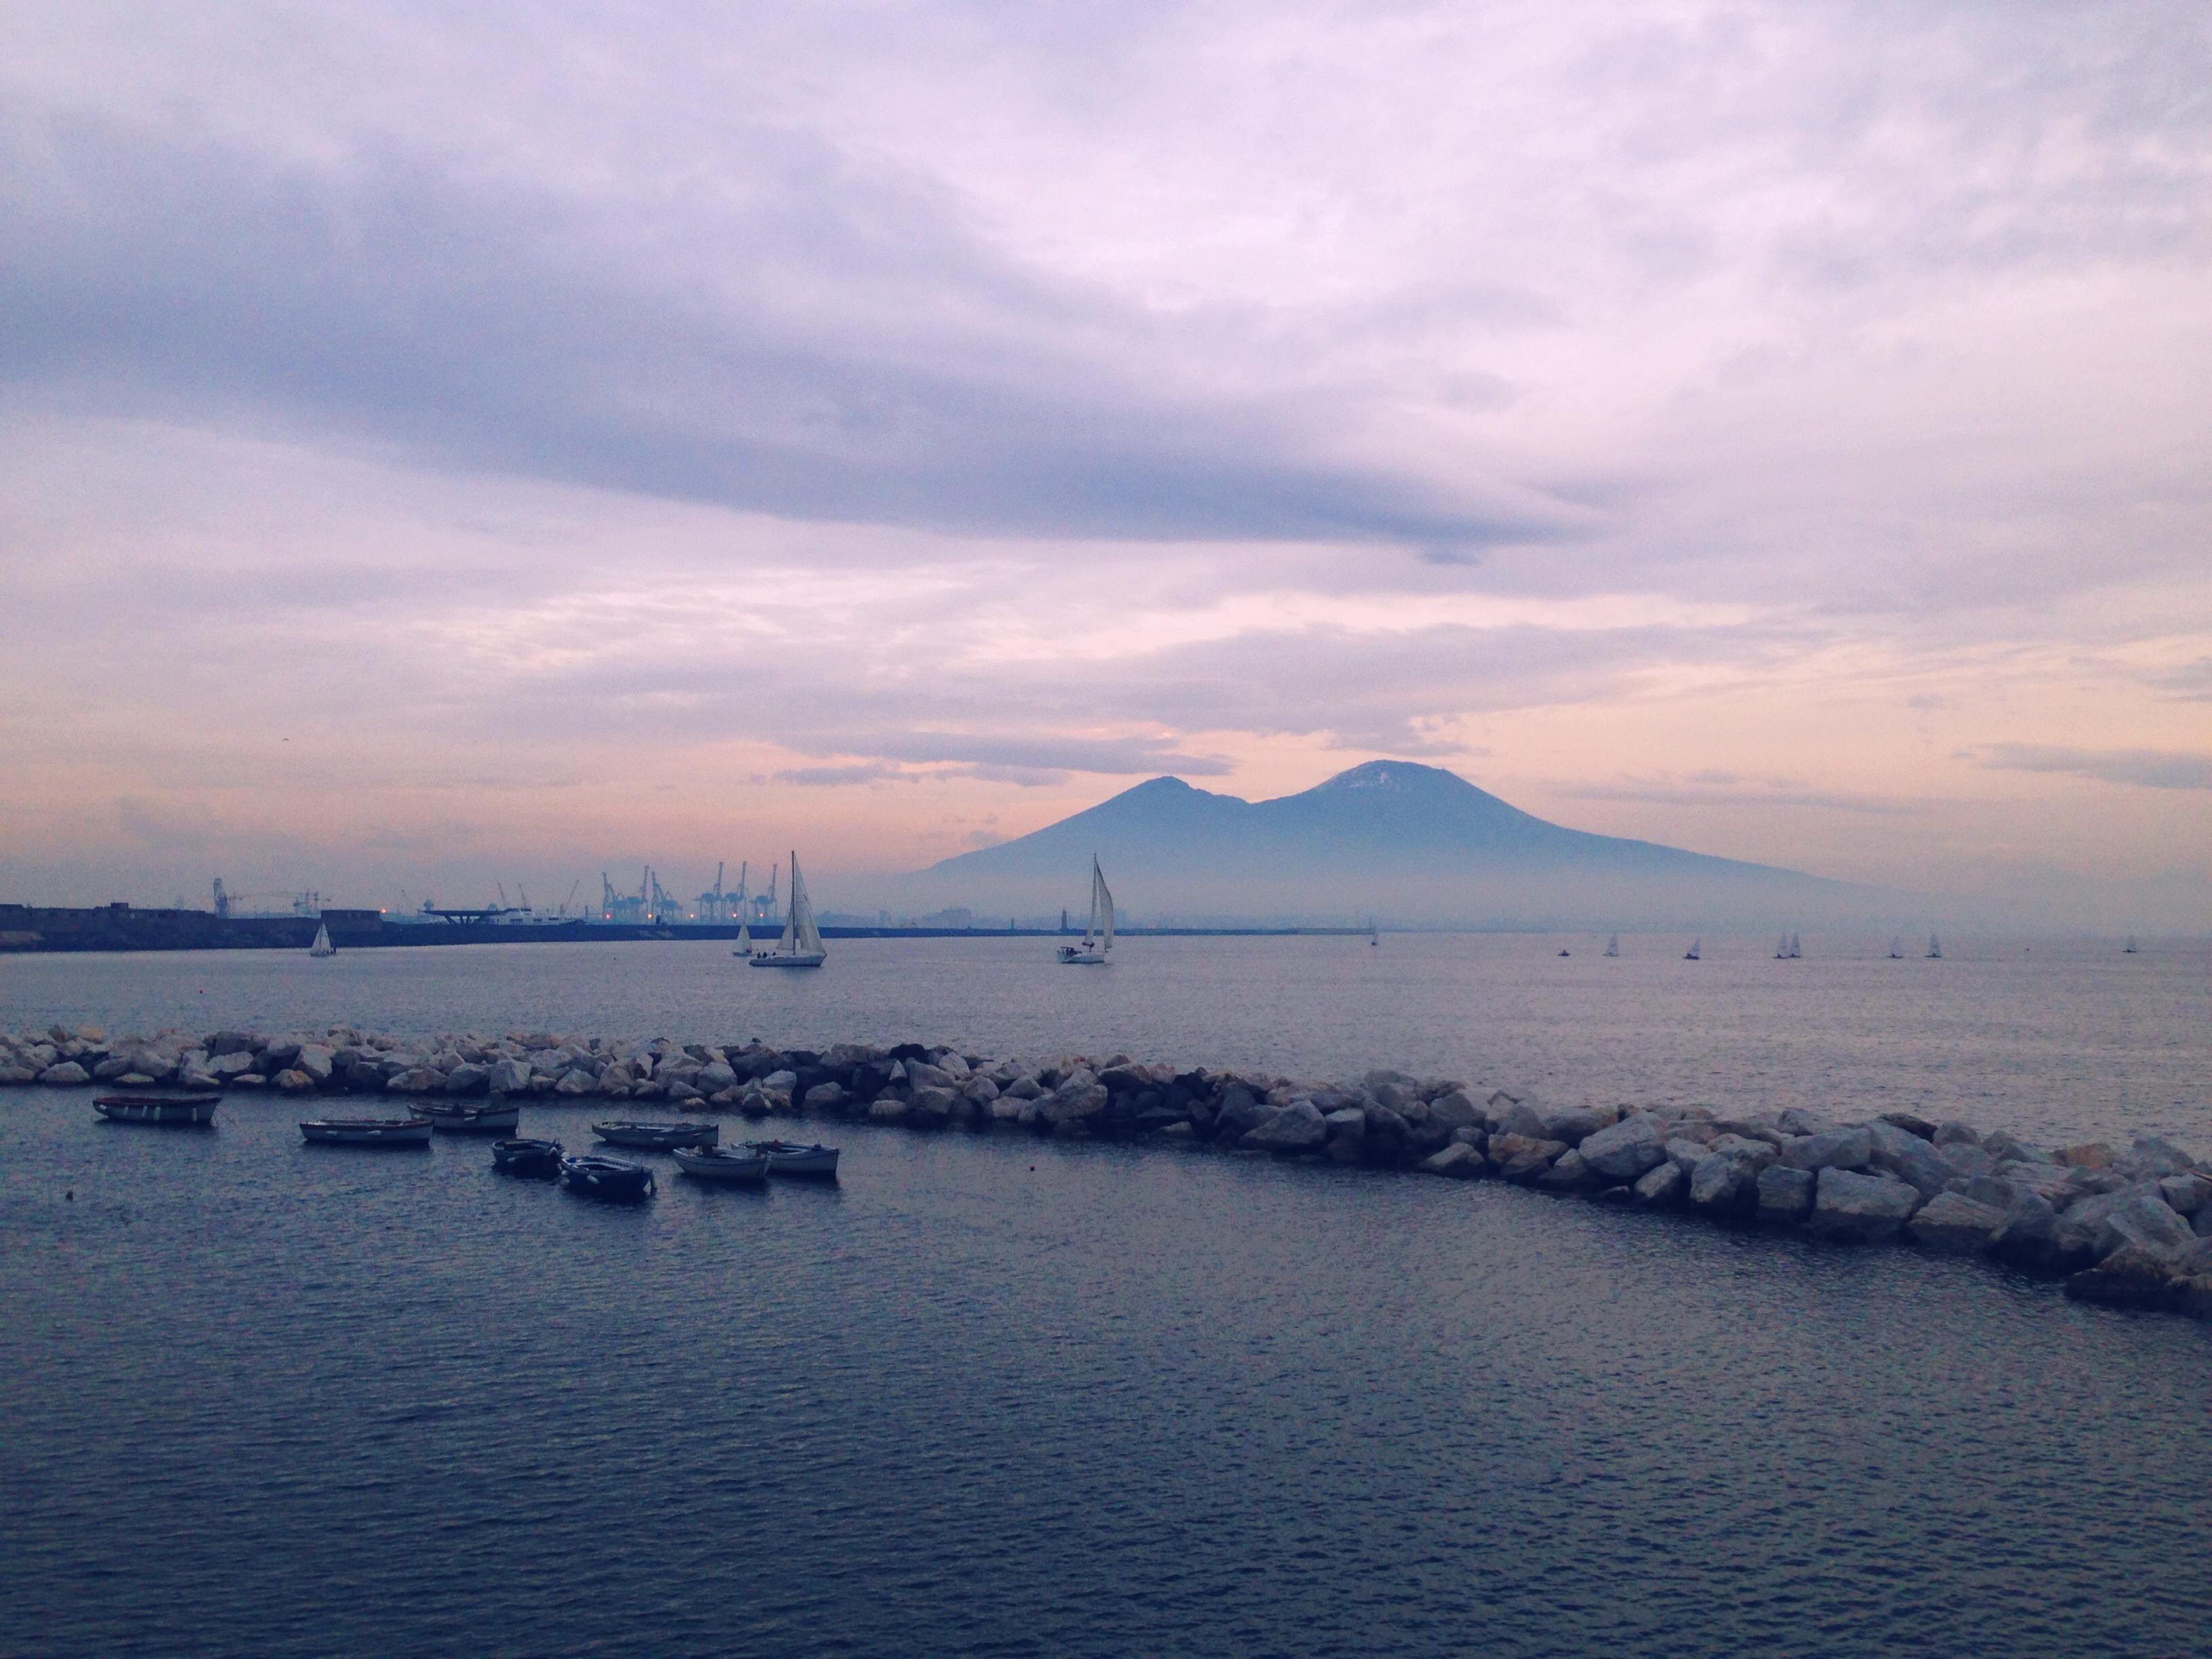 il golfo di Napoli, il vesuvio, il mare